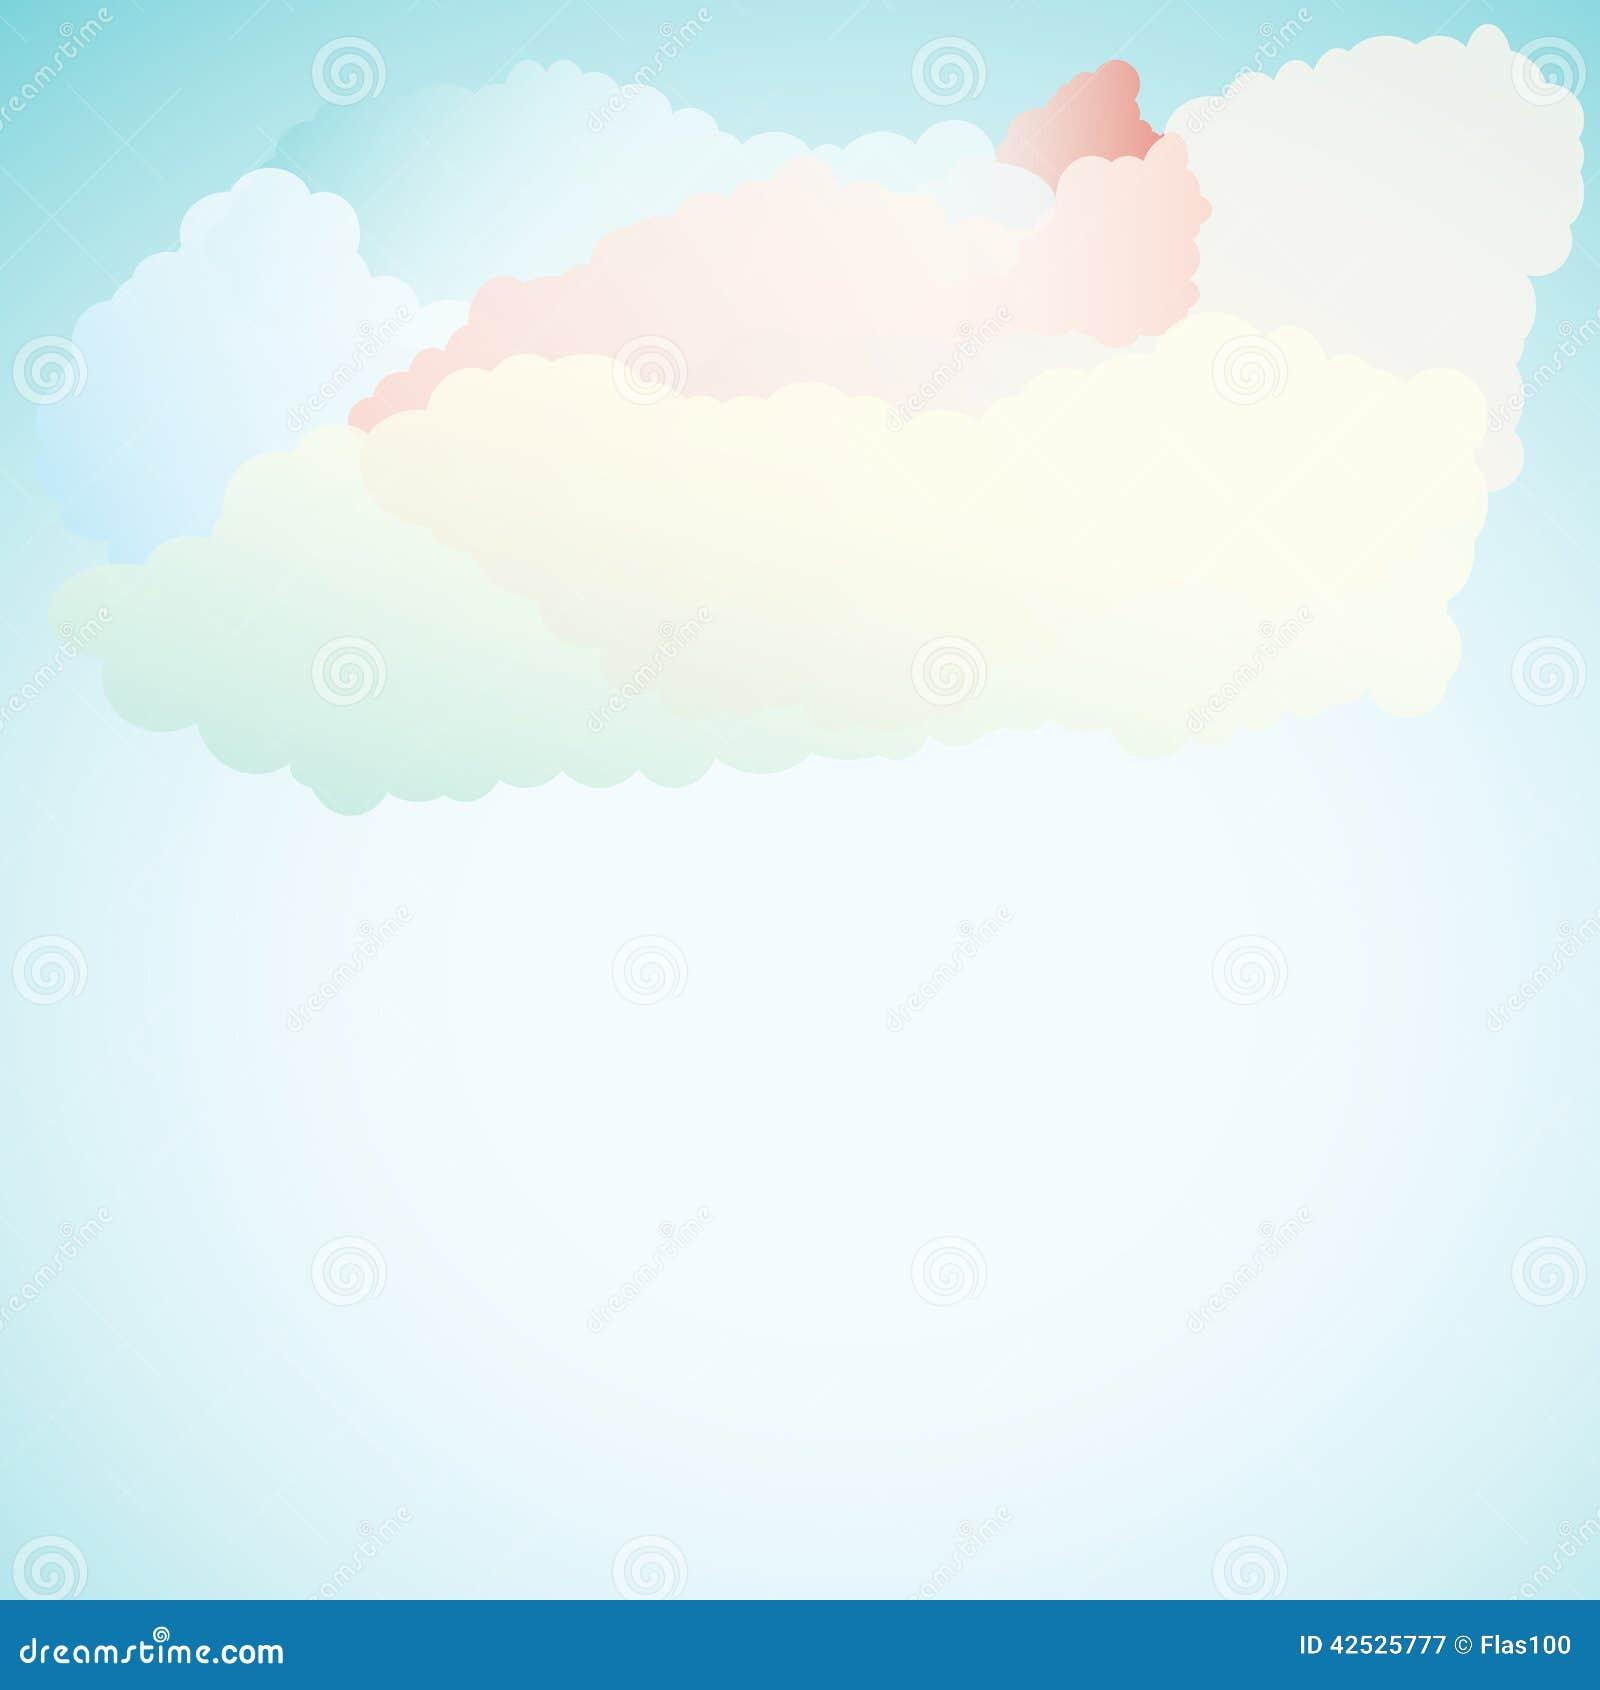 Wektorowy abstrakcjonistyczny tło komponujący chmury i